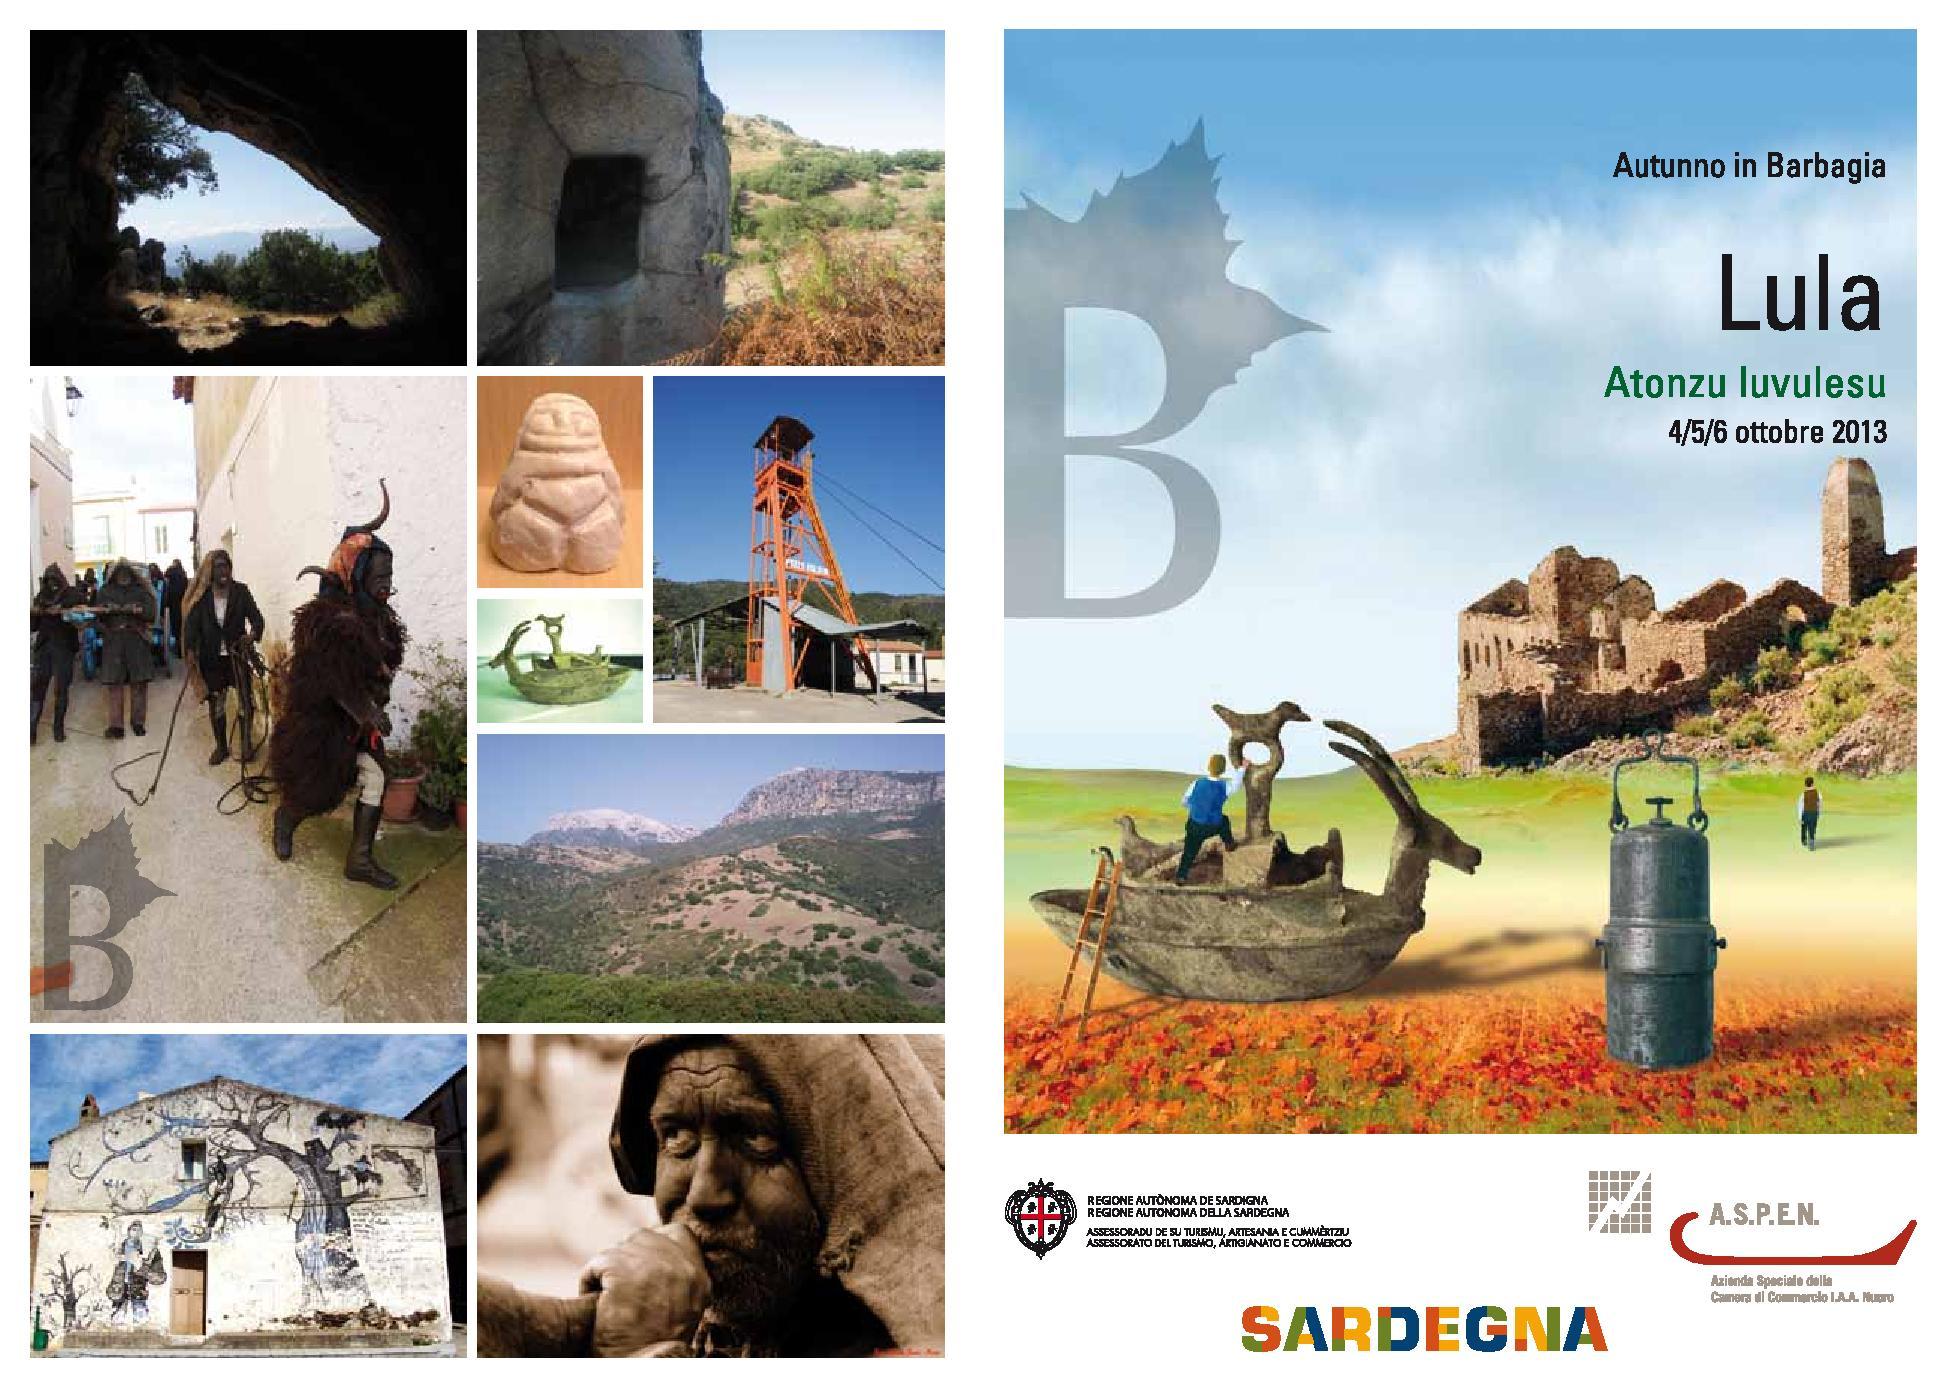 Autunno in Barbagia 2013 a Lula - Dal 4 al 6 Ottobre